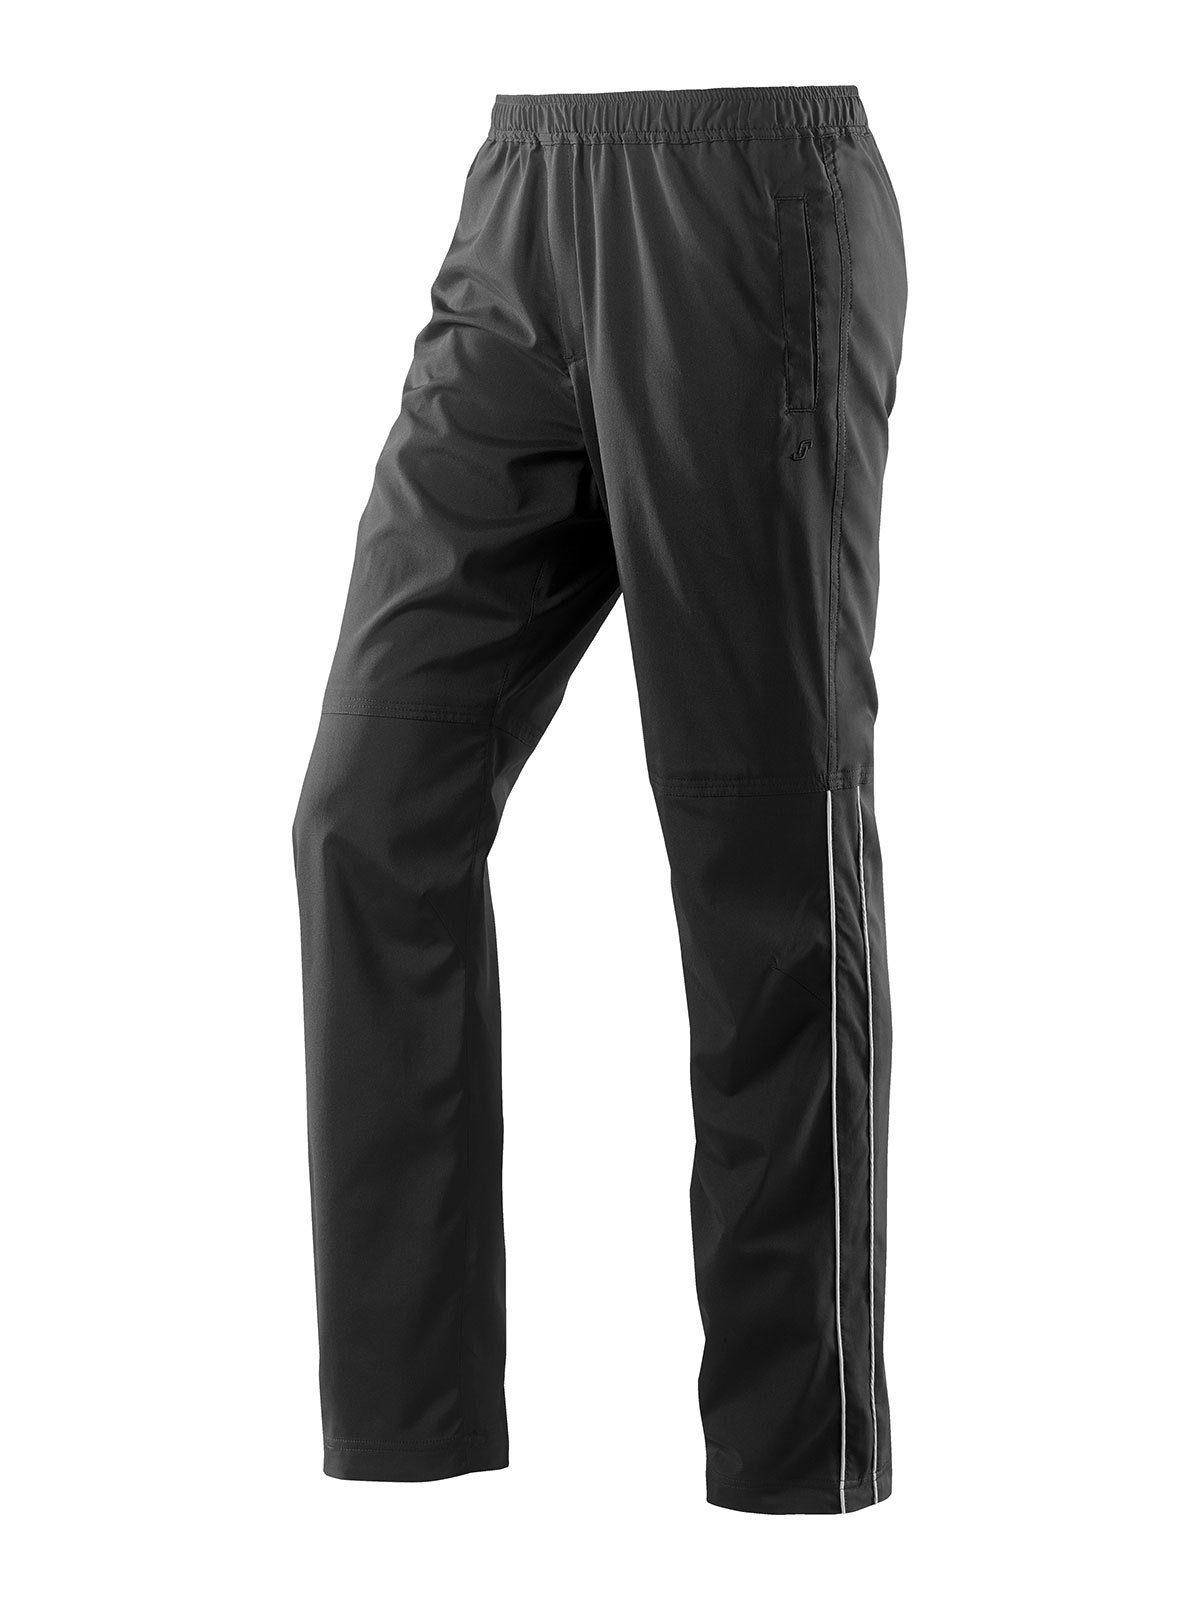 70c9215b57a175 Sonstige Sporthosen für Herren online kaufen